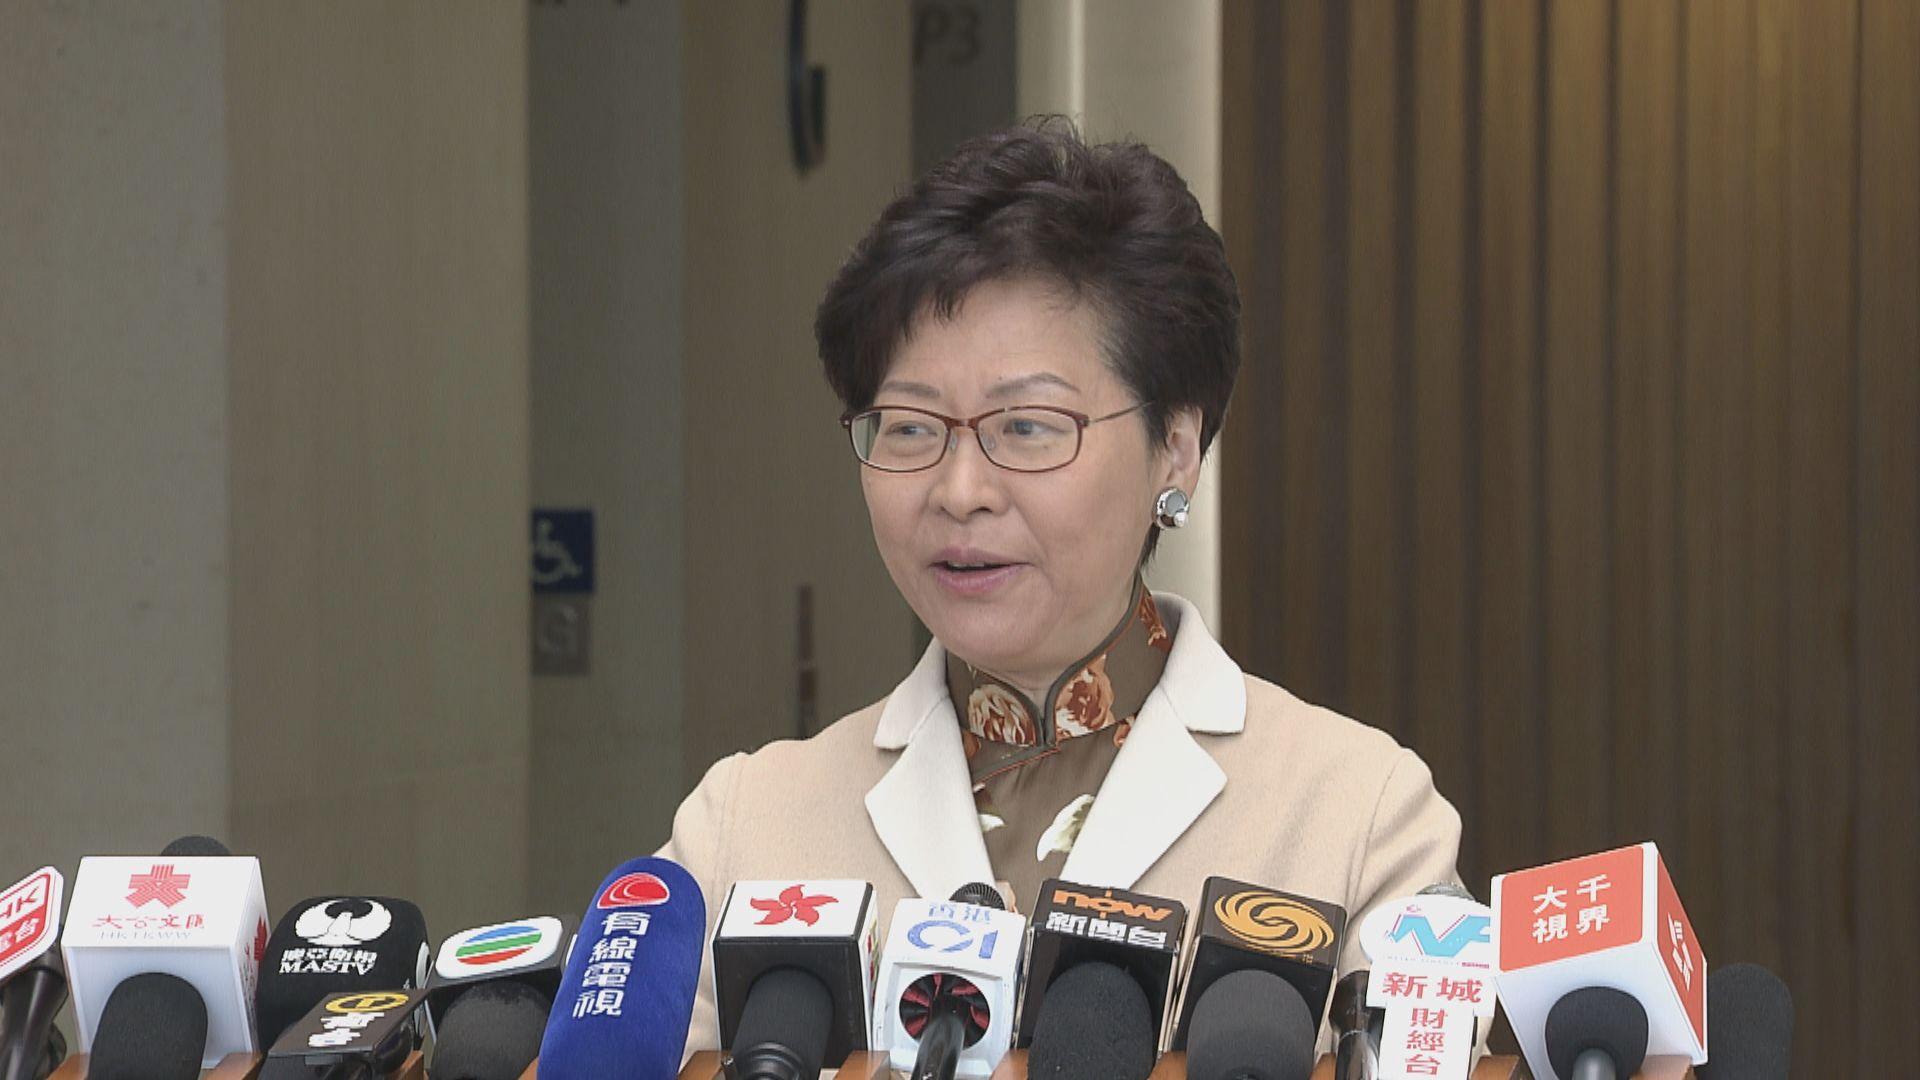 【唔會弱化香港】林鄭:中央日內公布大灣區規劃綱要